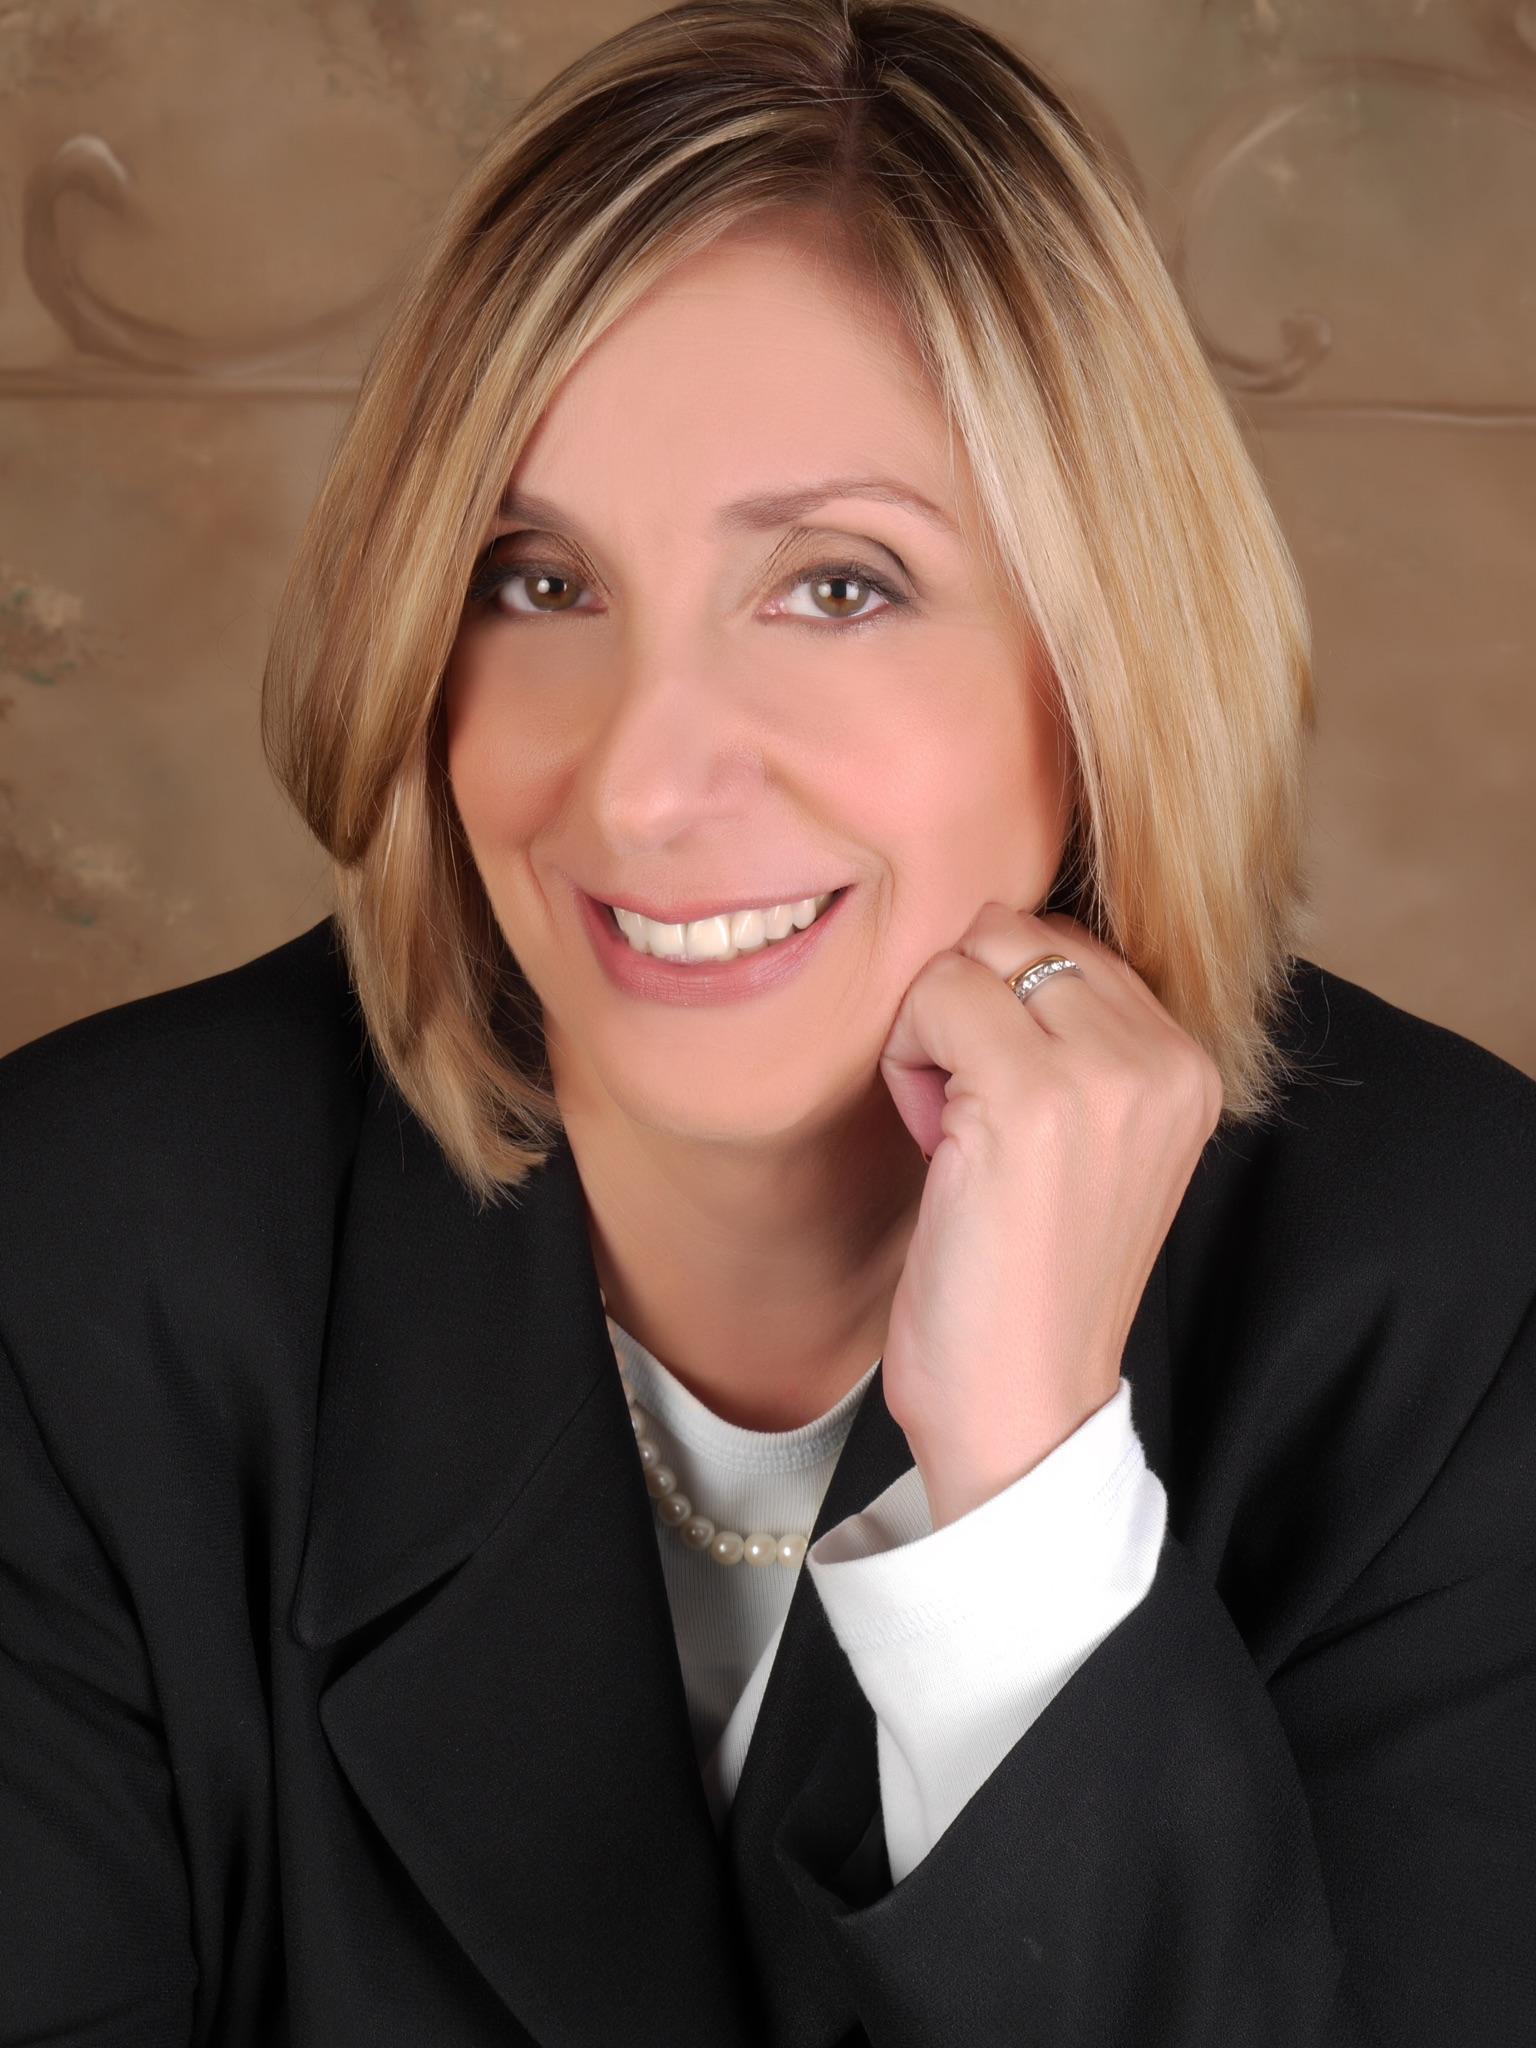 Valerie Perentesis